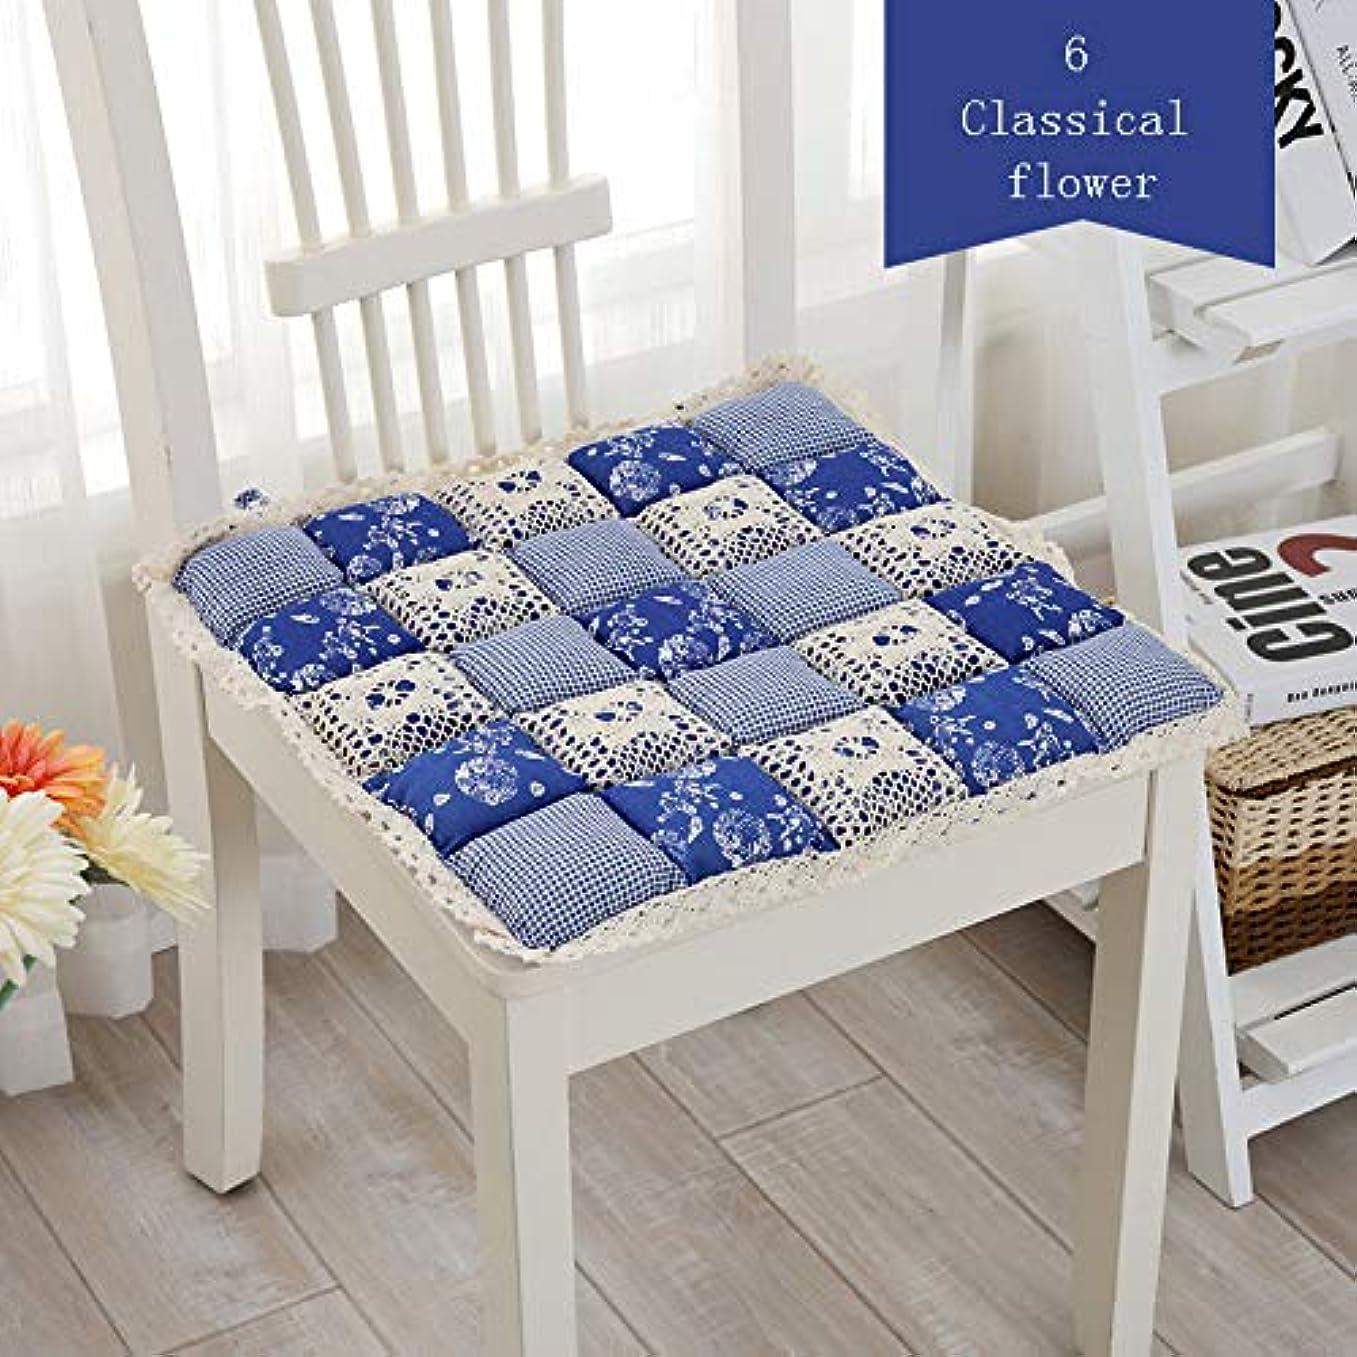 判定石の議題LIFE 1 個抗褥瘡綿椅子クッション 24 色ファッションオフィス正方形クッション学生チェアクッション家の装飾厚み クッション 椅子